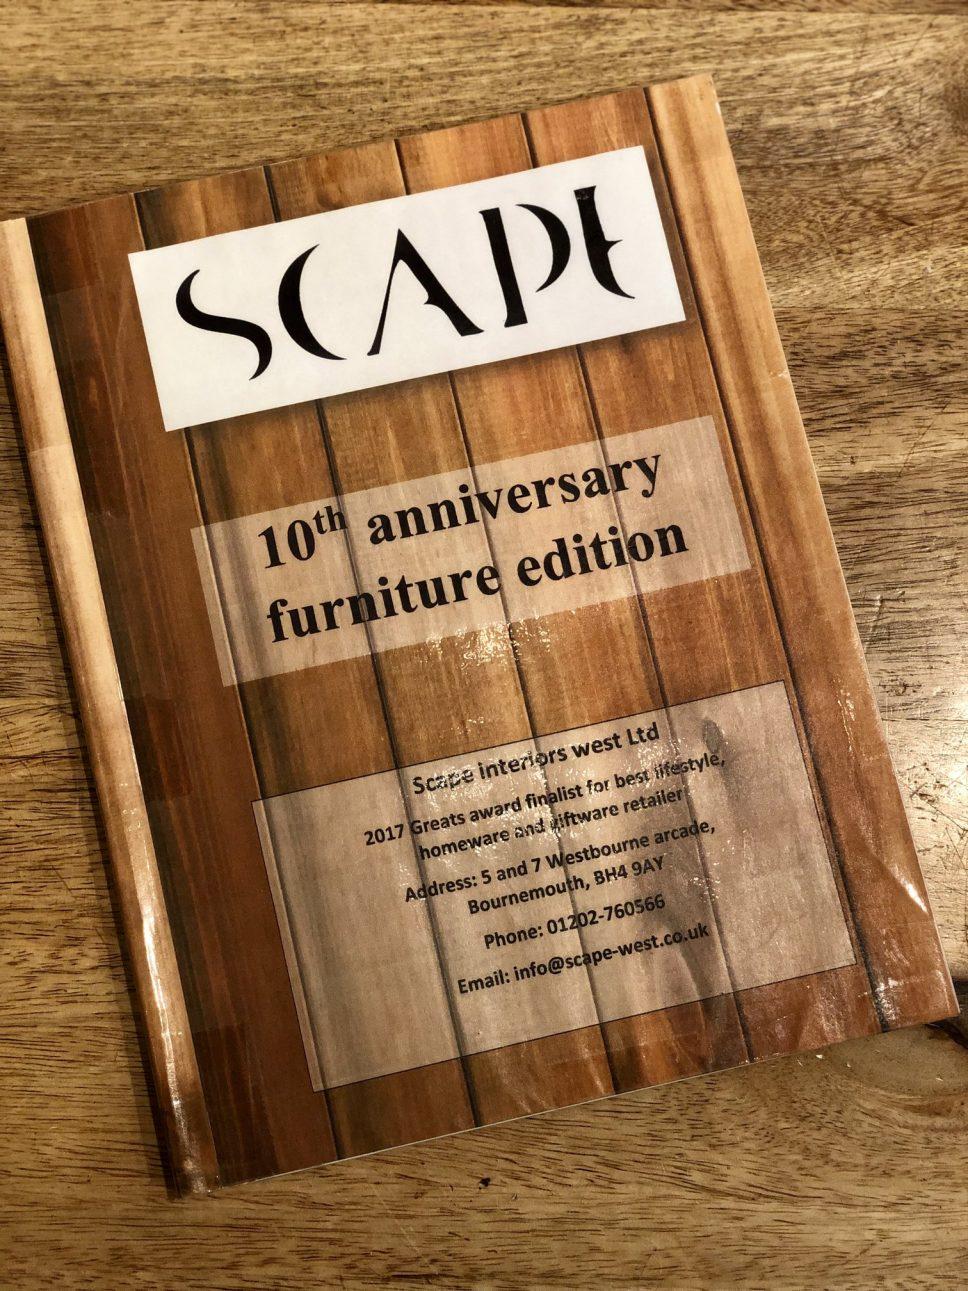 Scape 10th annivesary furniture